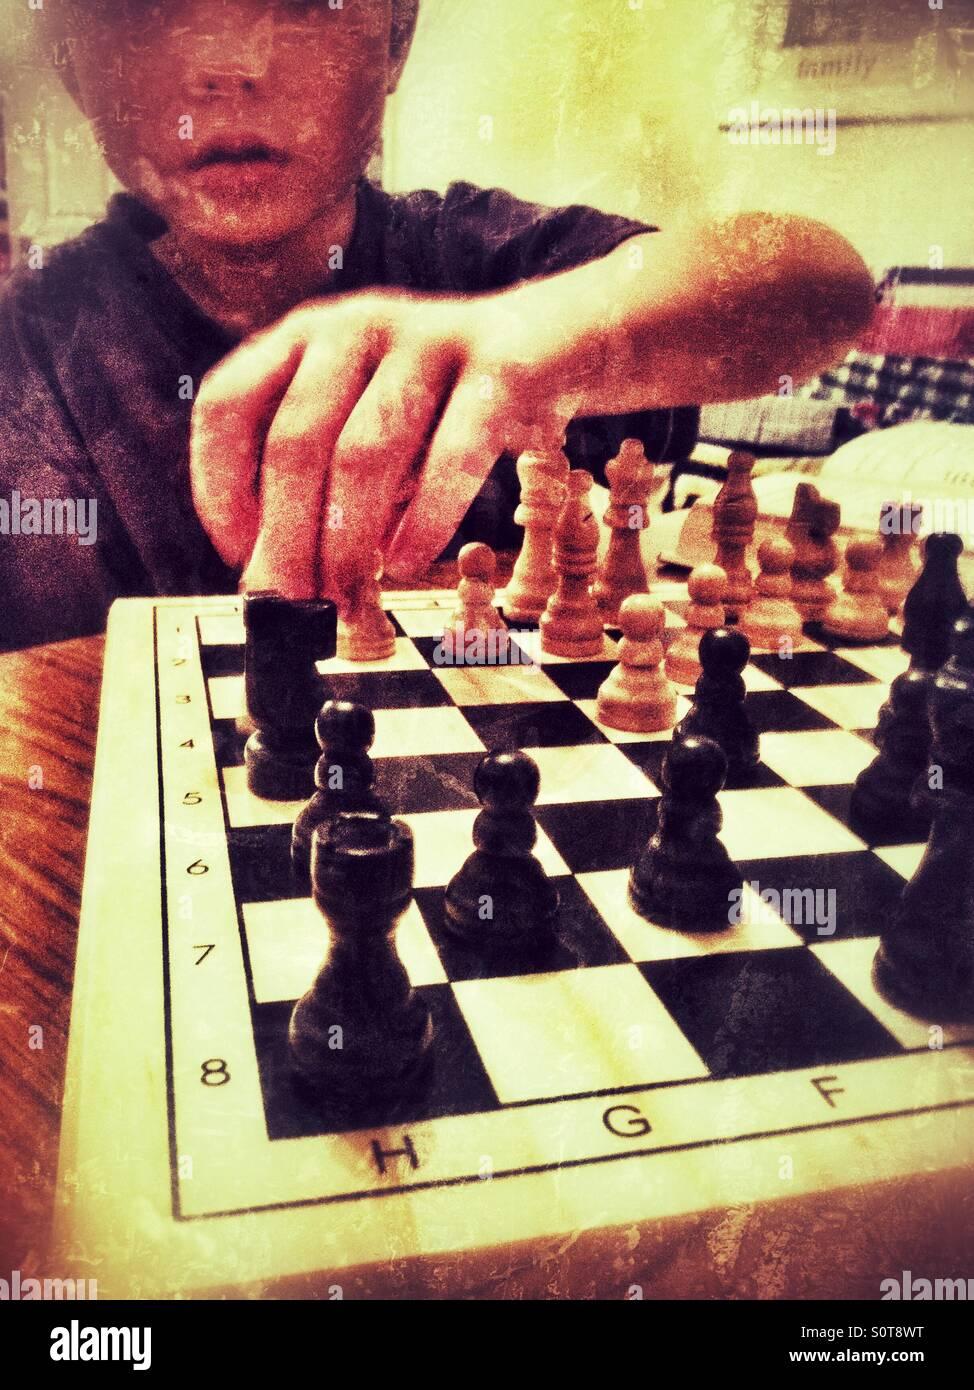 Giocare a scacchi Immagini Stock